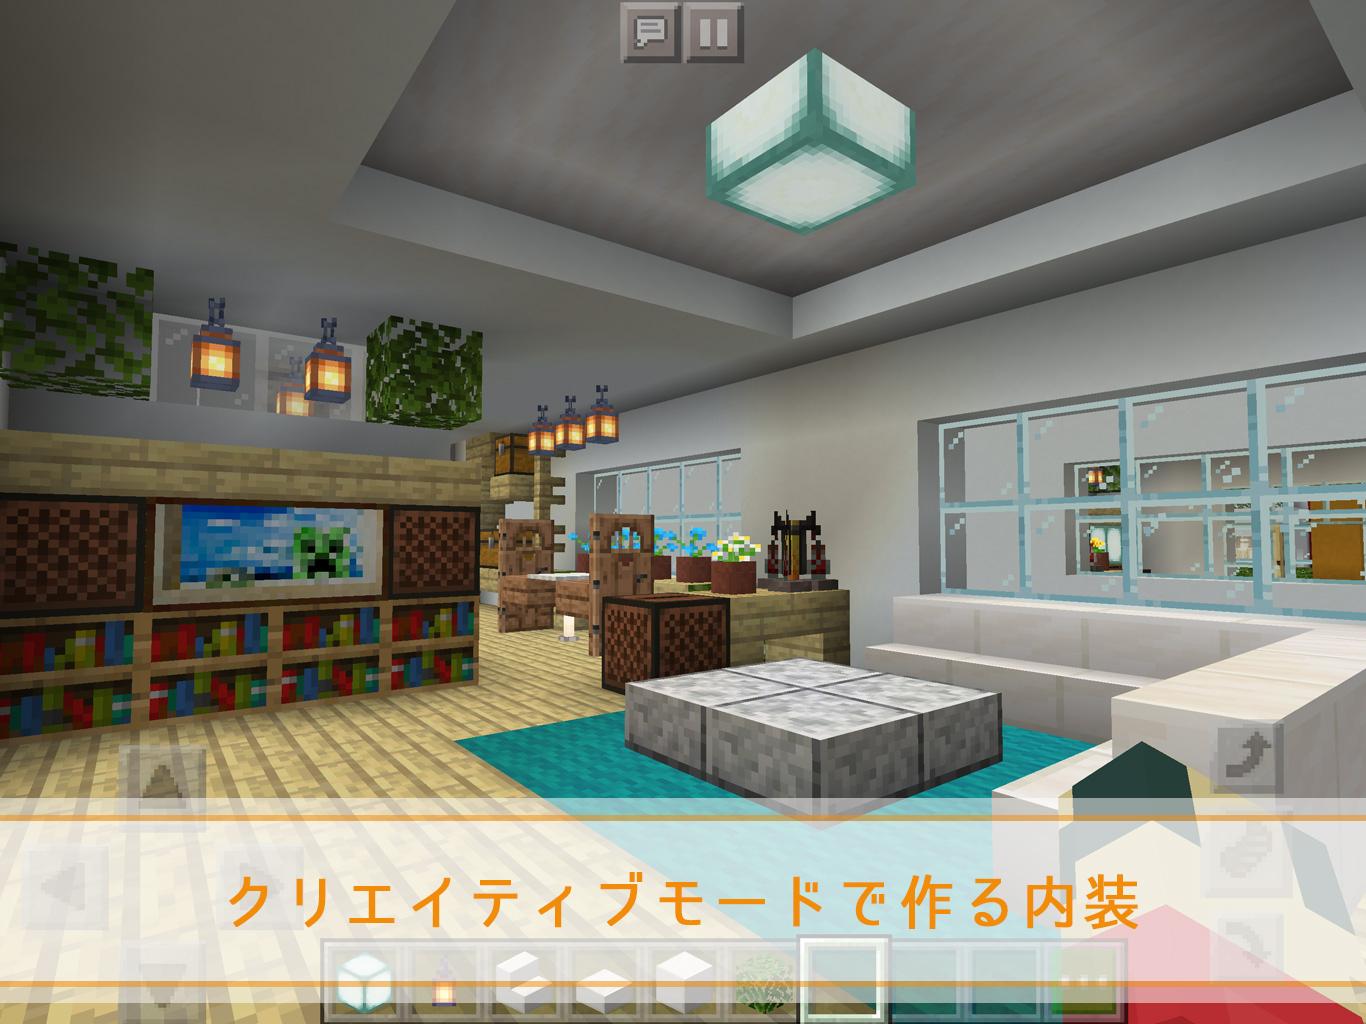 【マイクラ】家のインテリア例